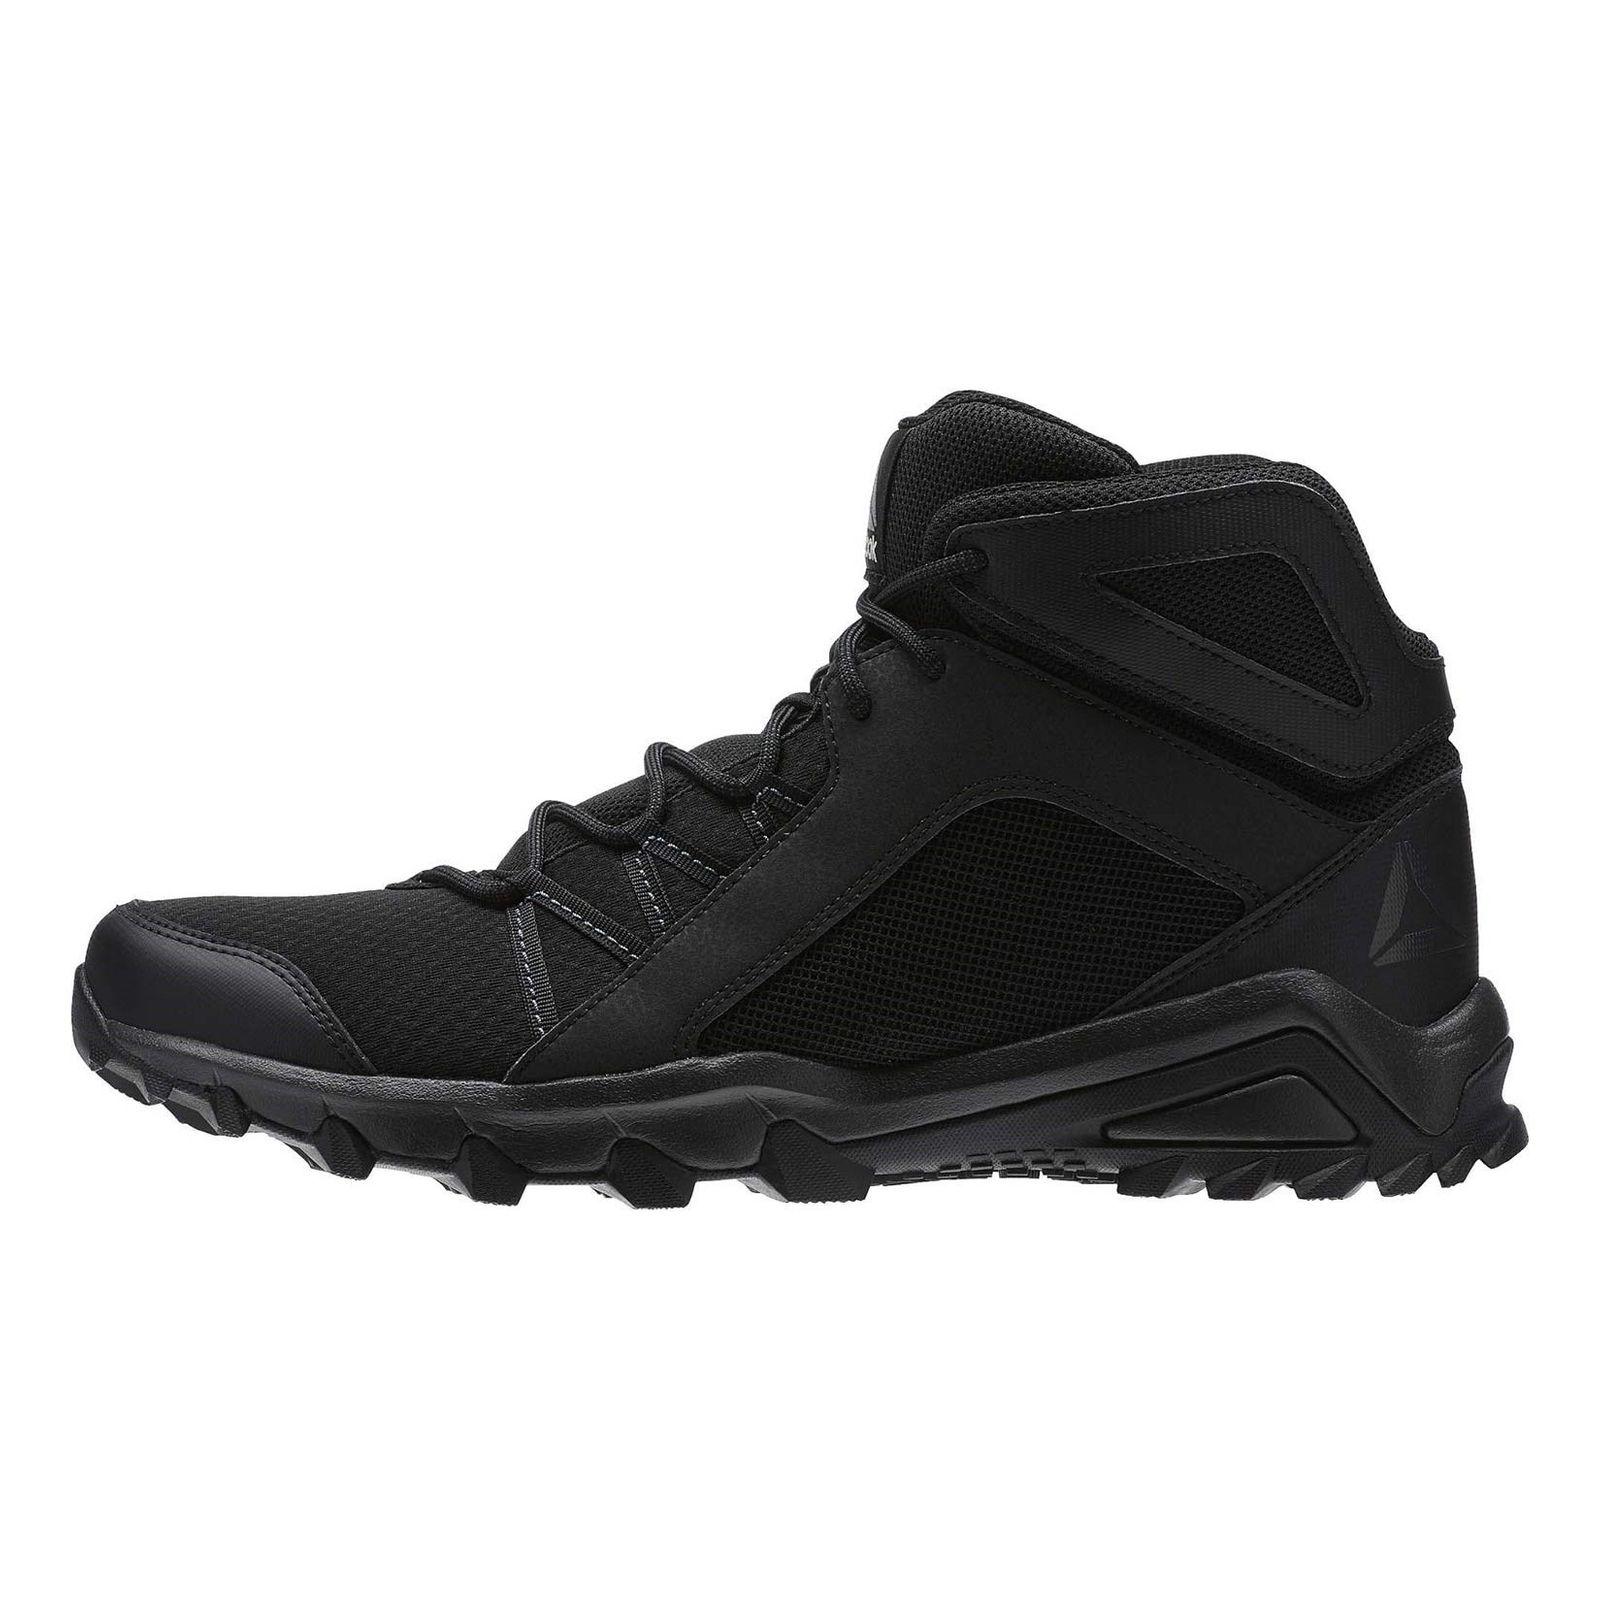 کفش طبیعت گردی بندی مردانه Trailgrip Mid 6-0 - ریباک - مشکي - 3